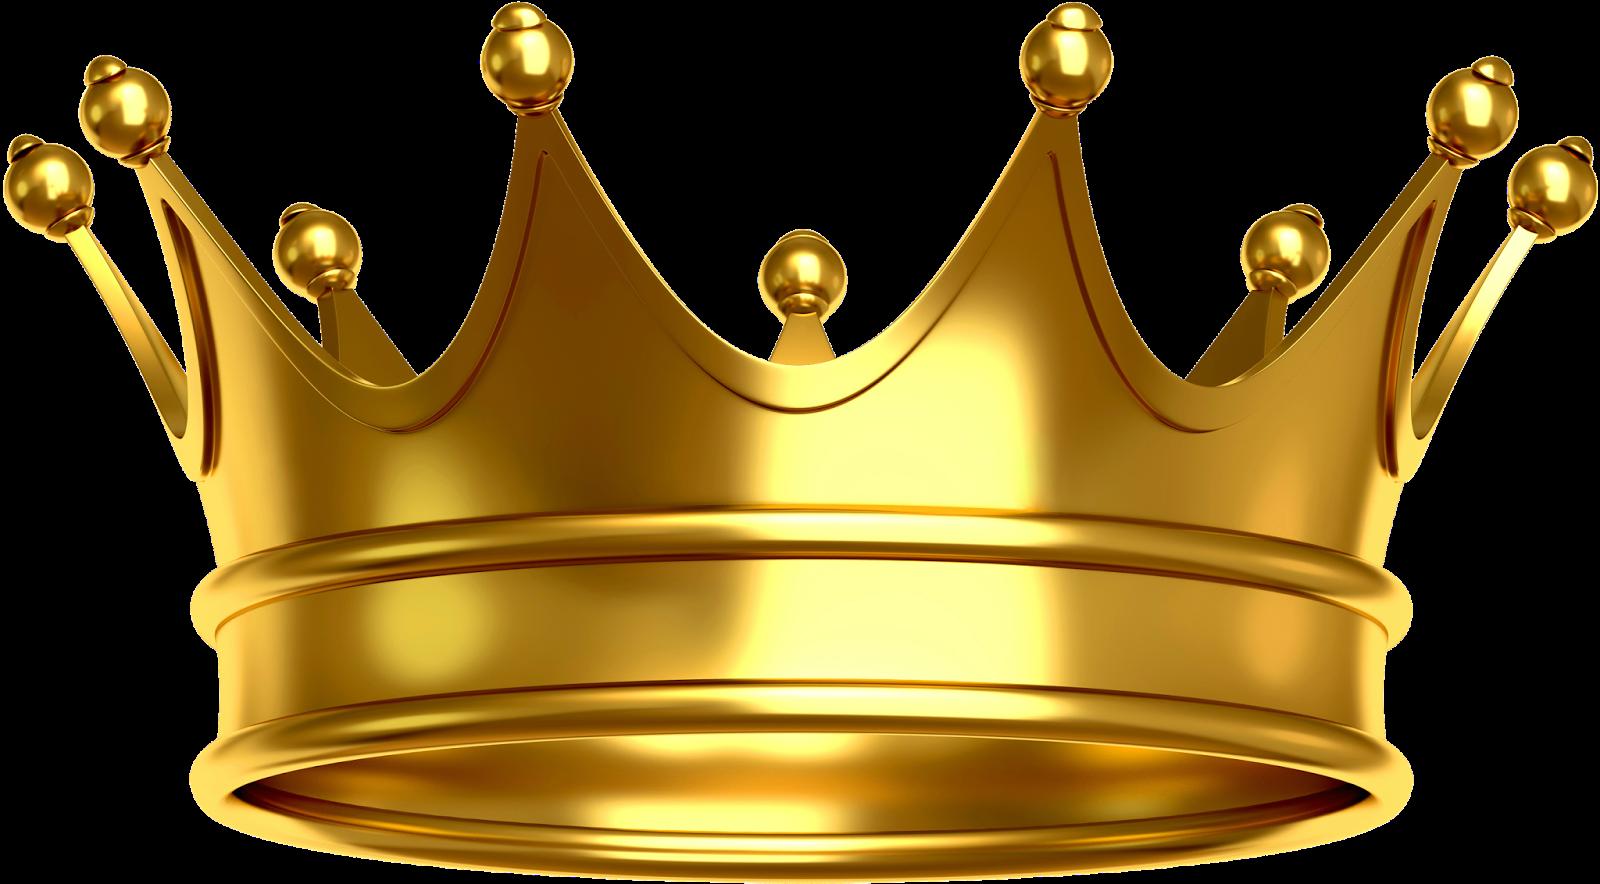 Resultado de imagen para corona de rey  gif sin fondo